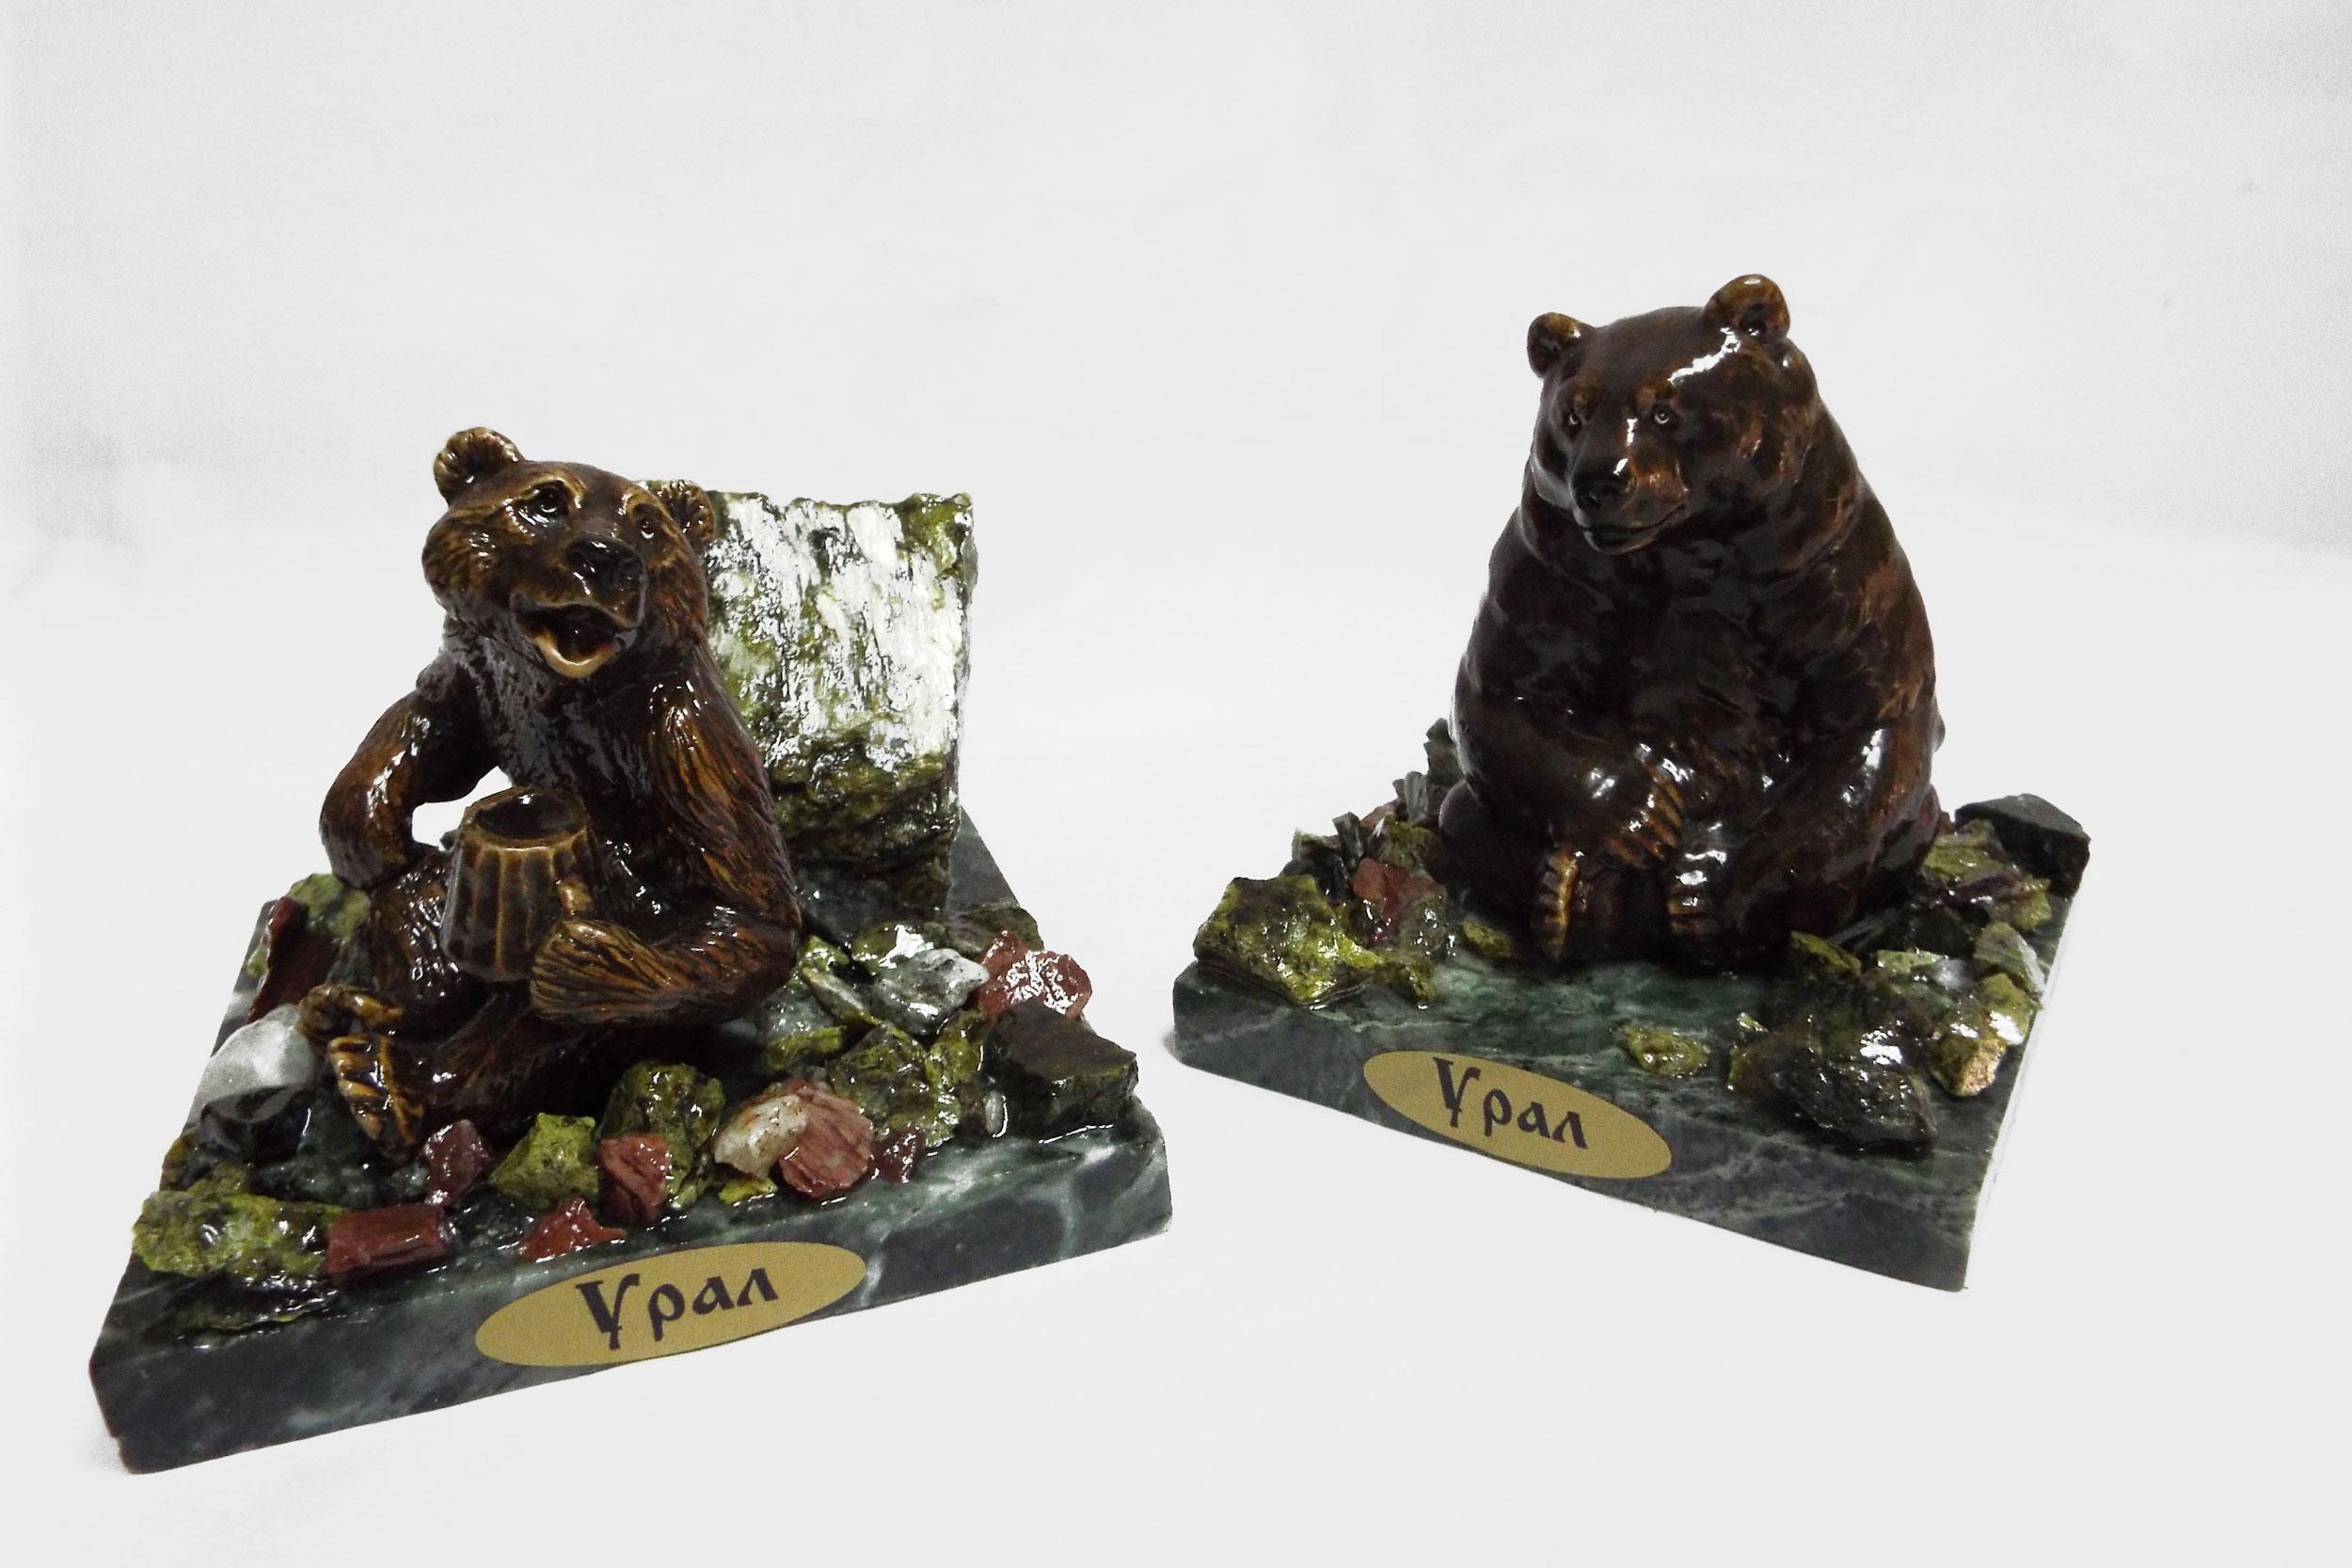 Сувенир с медведем